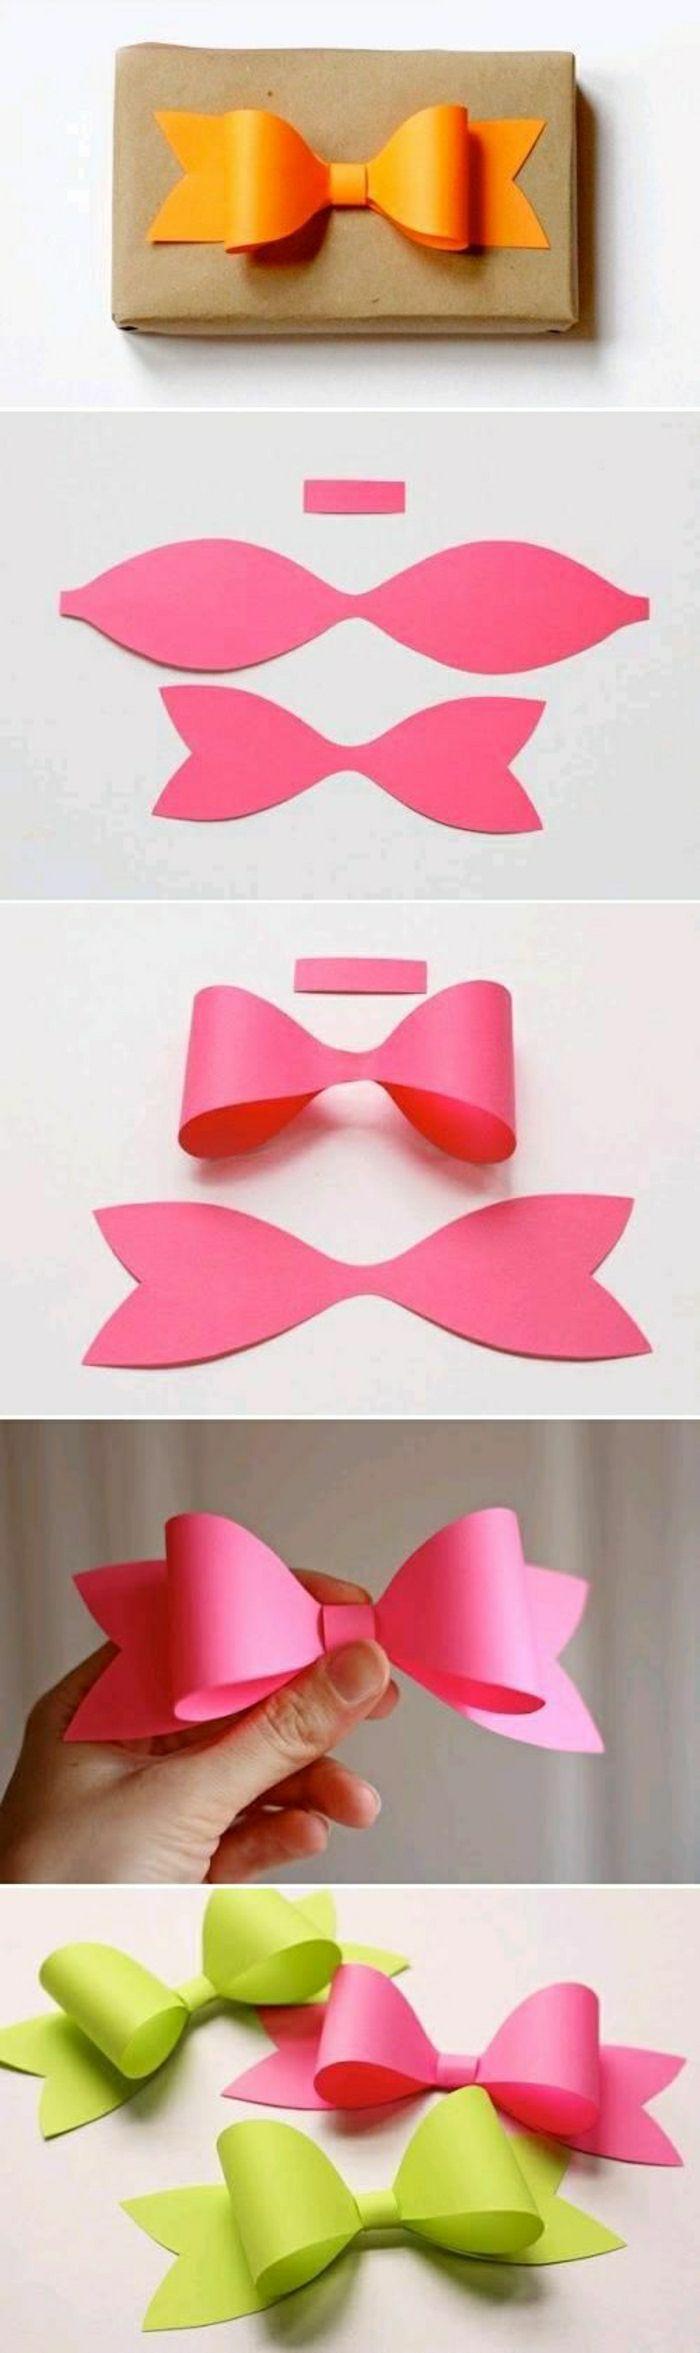 modele origami facile, pliage origami facile a faire                                                                                                                                                                                 Plus